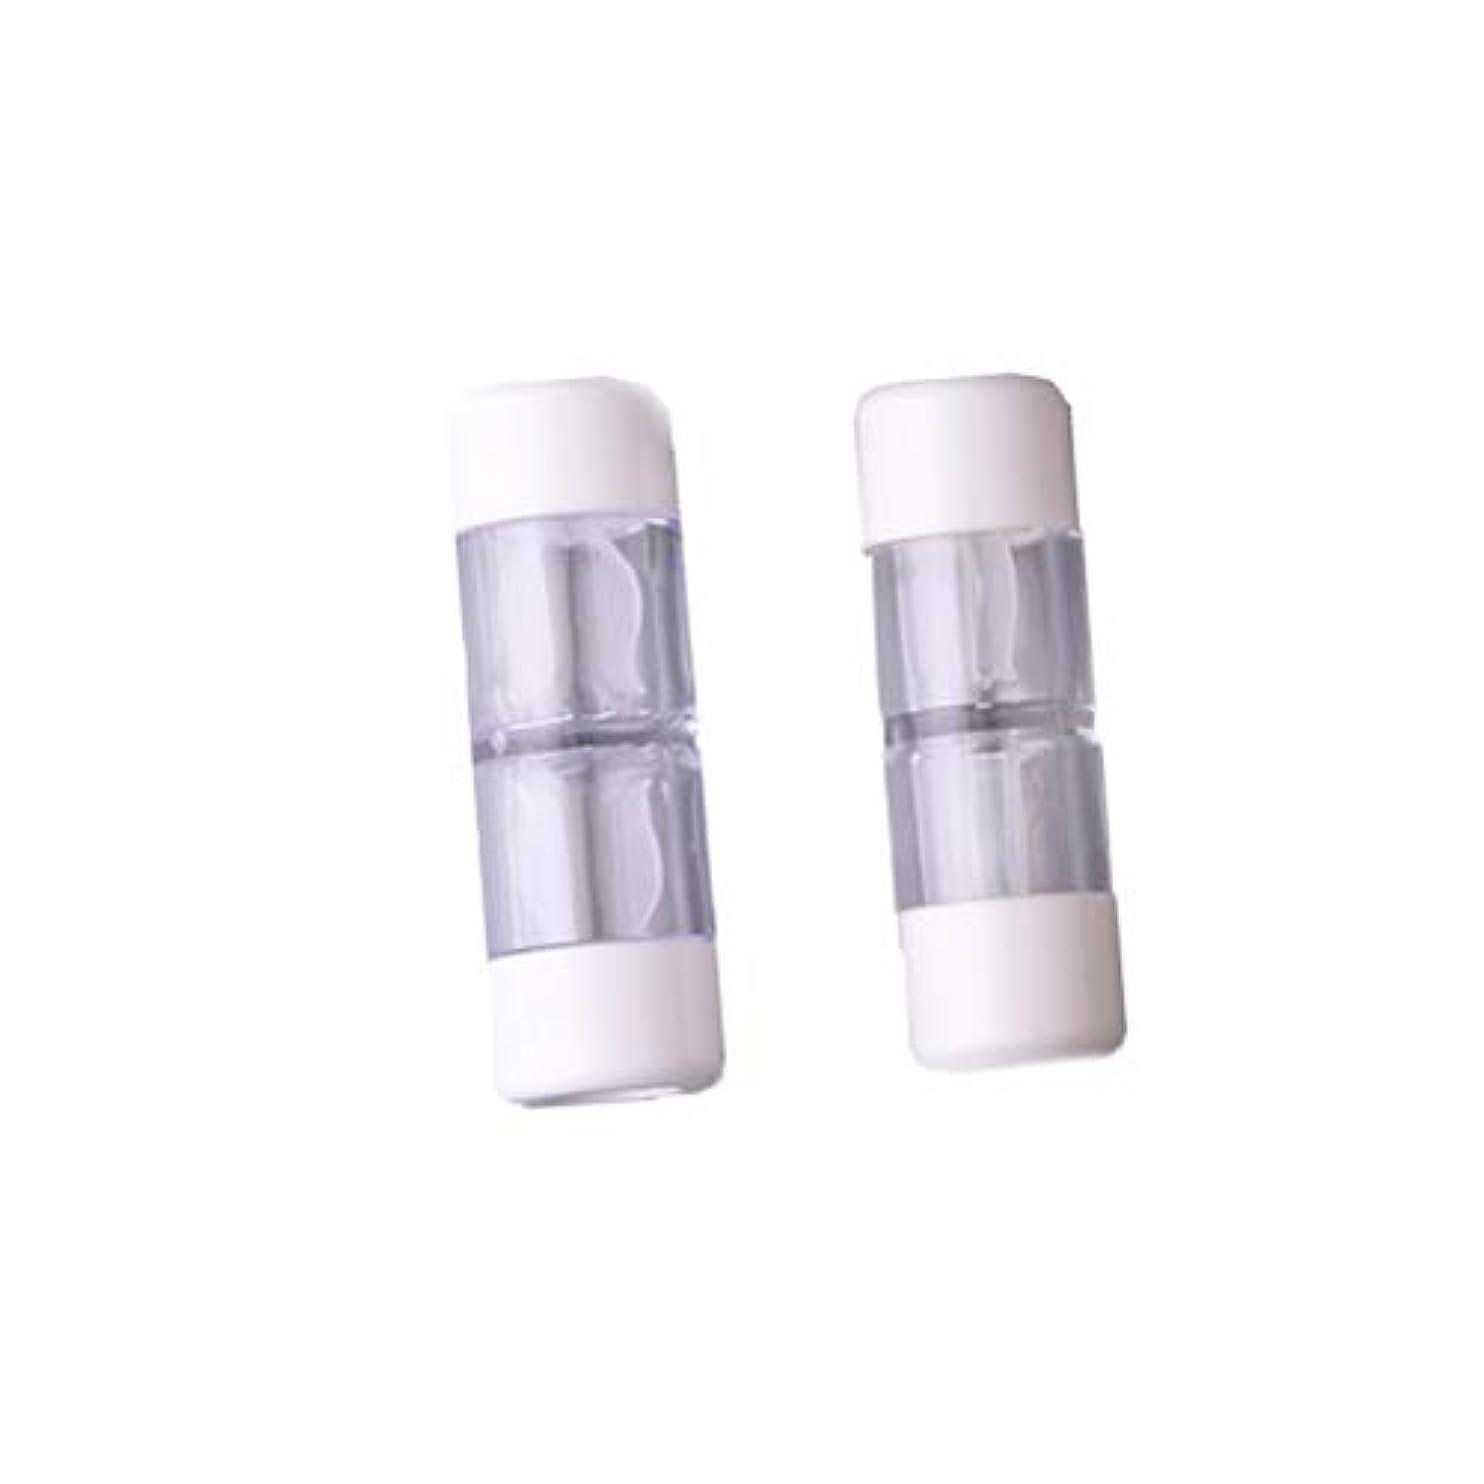 お誕生日探すプランターHeallily コンタクトレンズケース1セットコンタクトレンズケースボックス収納ジャーツール瓶とピンセット付き(5ペアRGPミックスカラー)